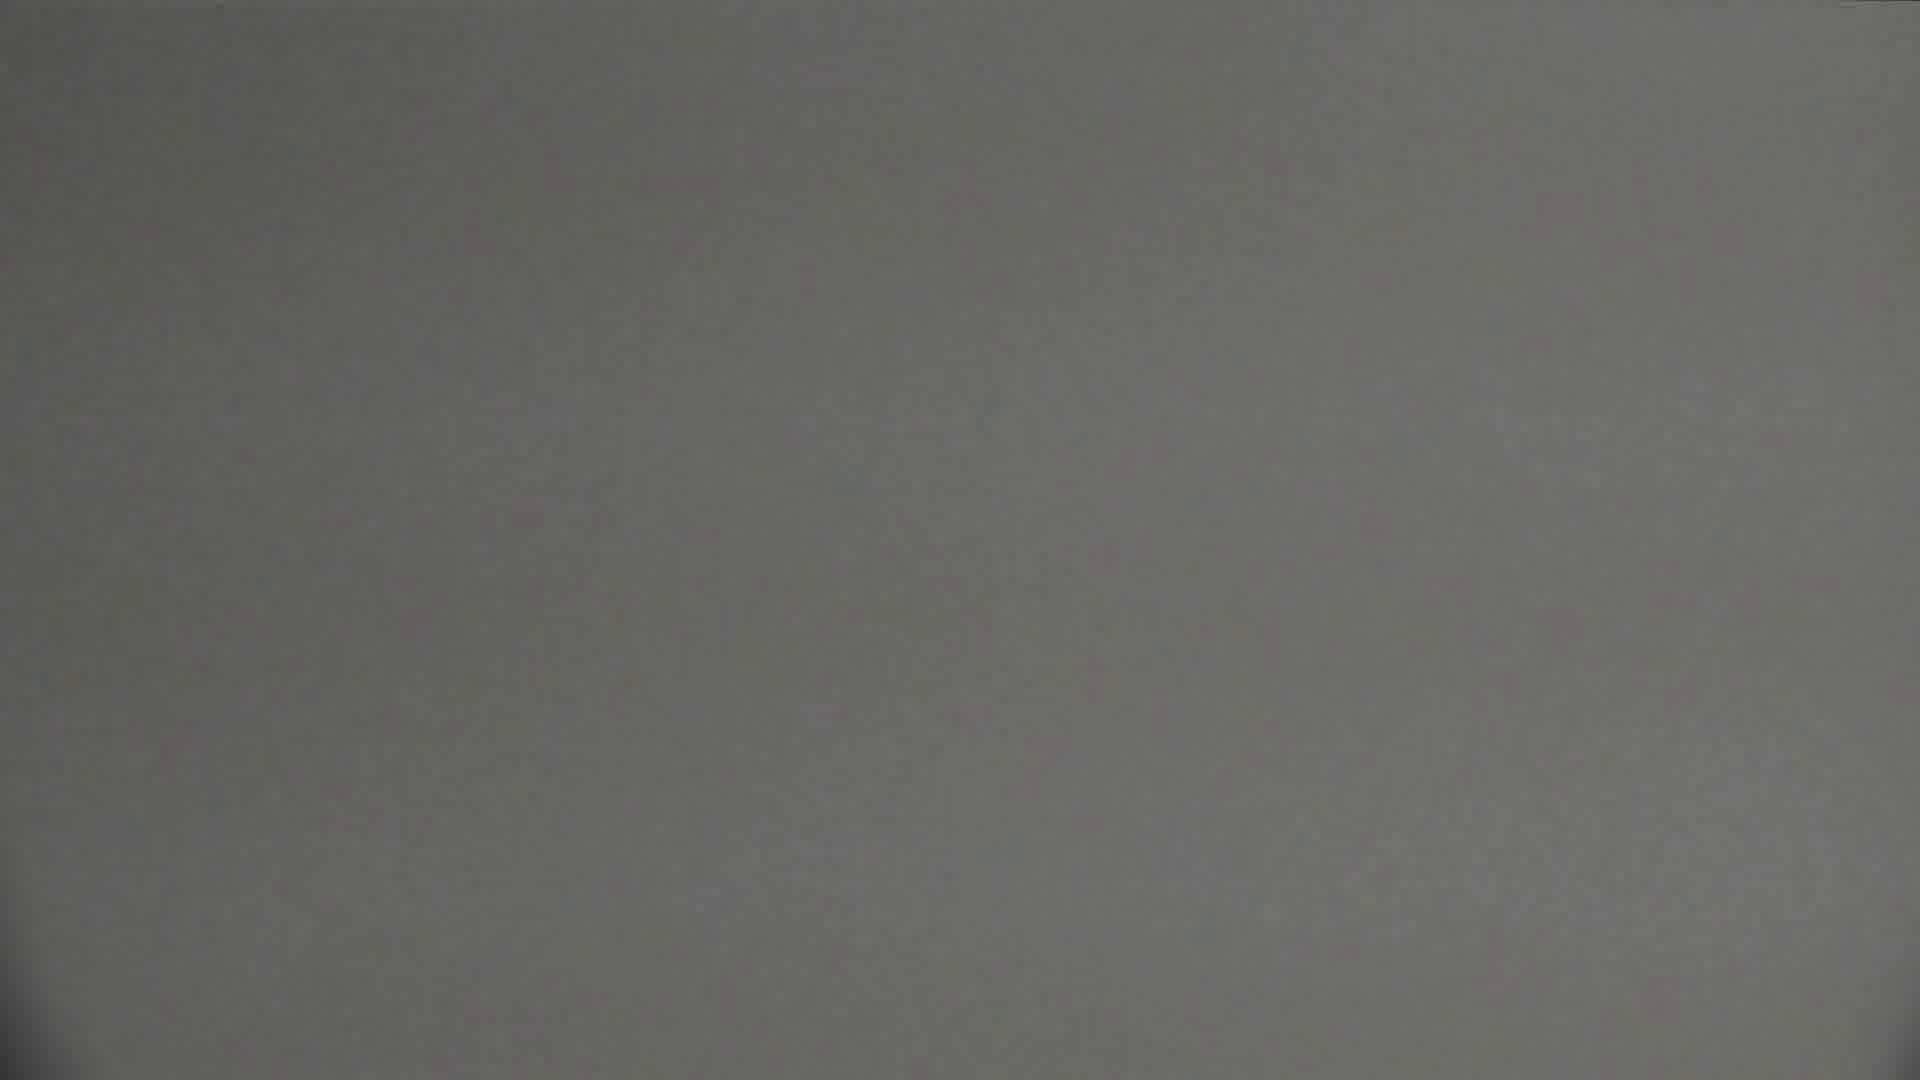 【美しき個室な世界】 vol.021 めがねっこ 色っぽいOL達  100pic 84